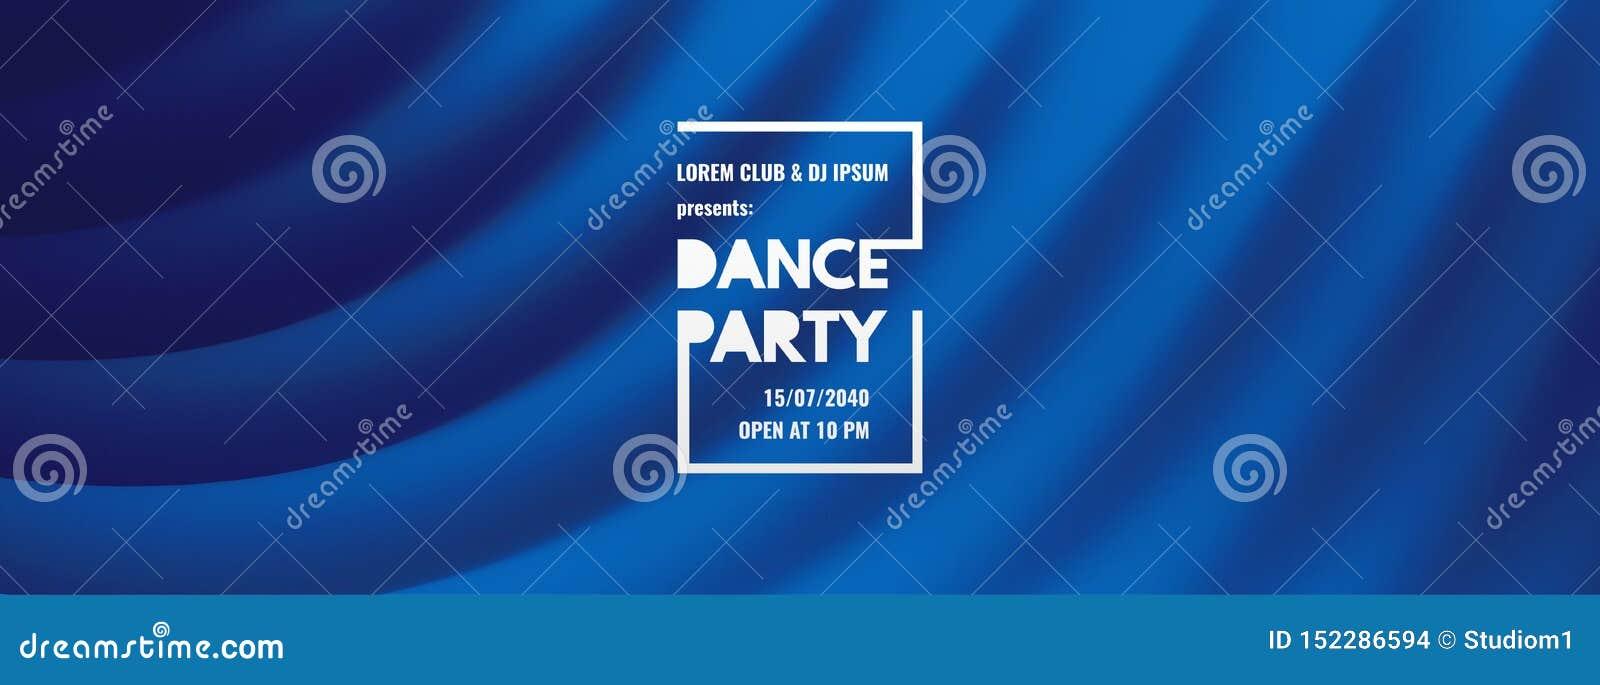 Inbjudan för dansparti med datum- och tidsdetaljer Blå gardin för teater Musikh?ndelsereklamblad eller baner krabb bakgrund 3D me